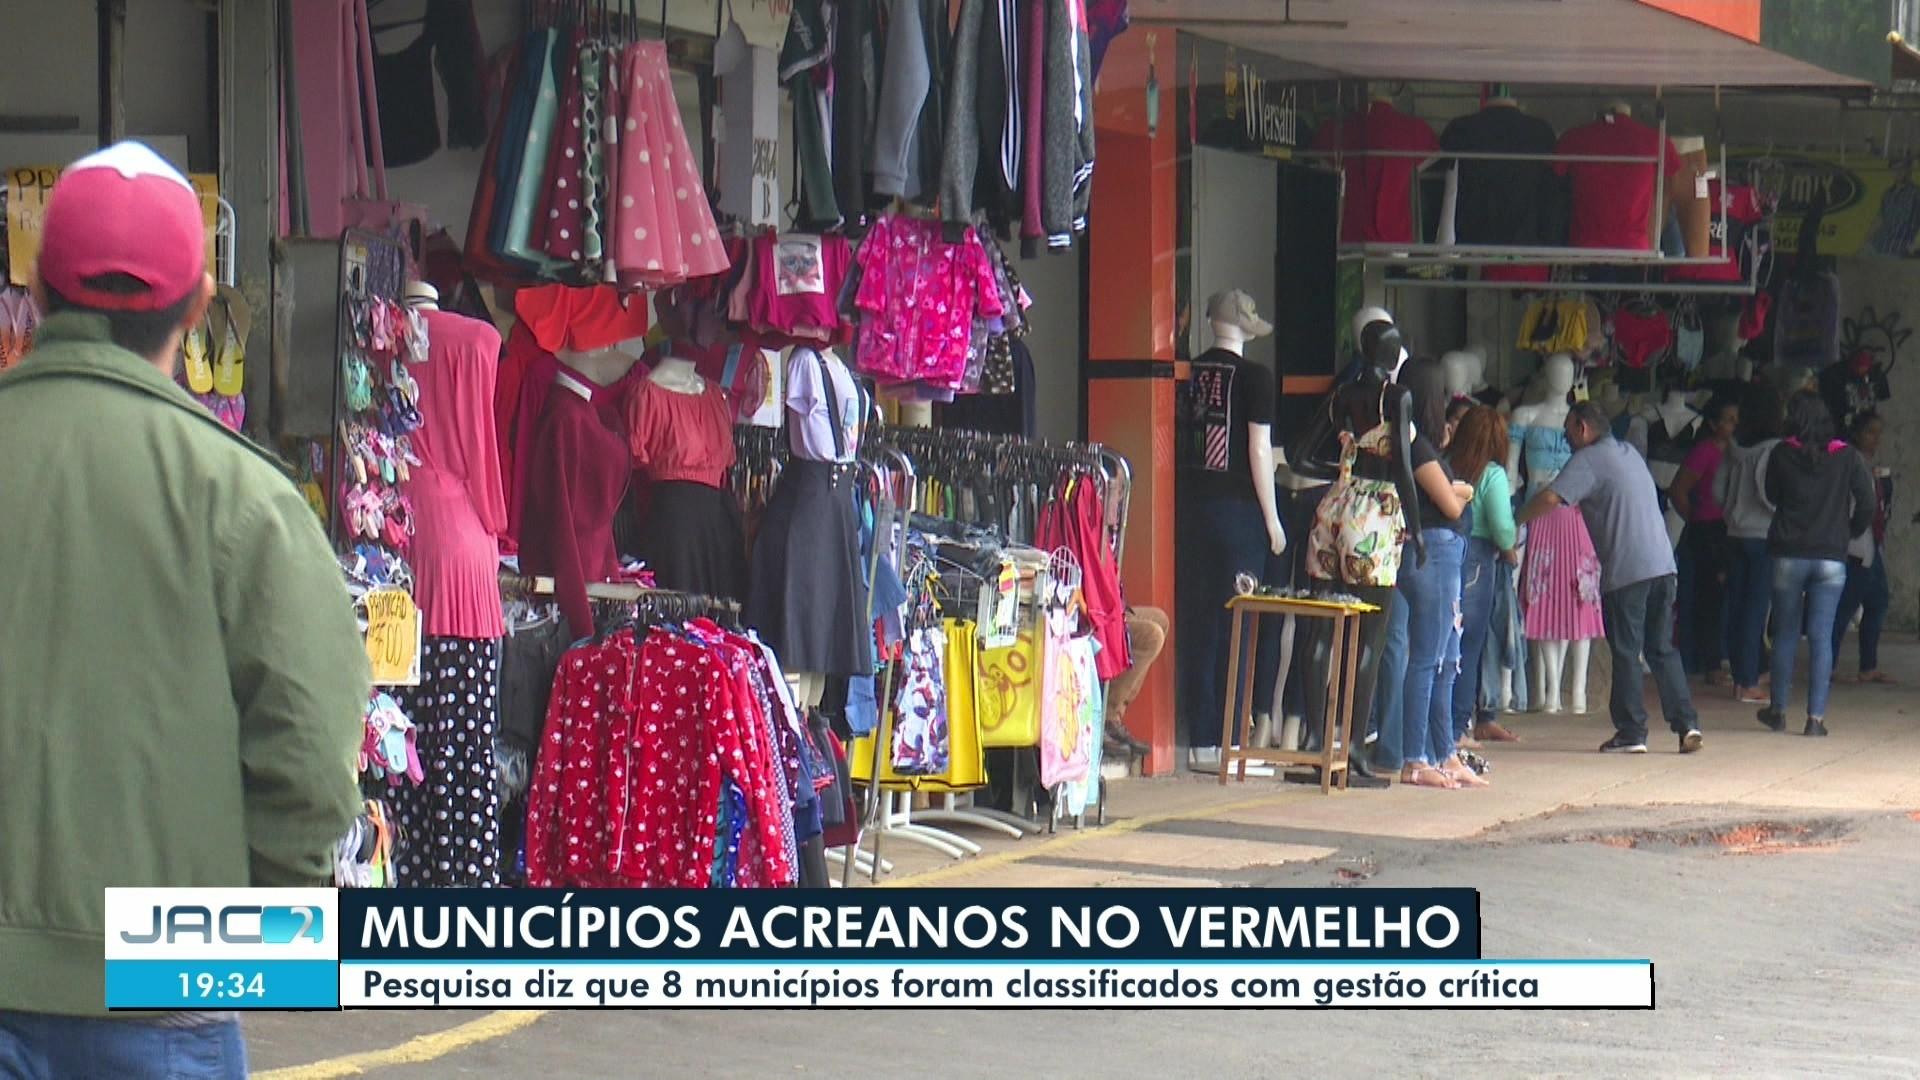 VÍDEOS: Jornal do Acre 2ª edição - AC de segunda-feira, 25 de outubro